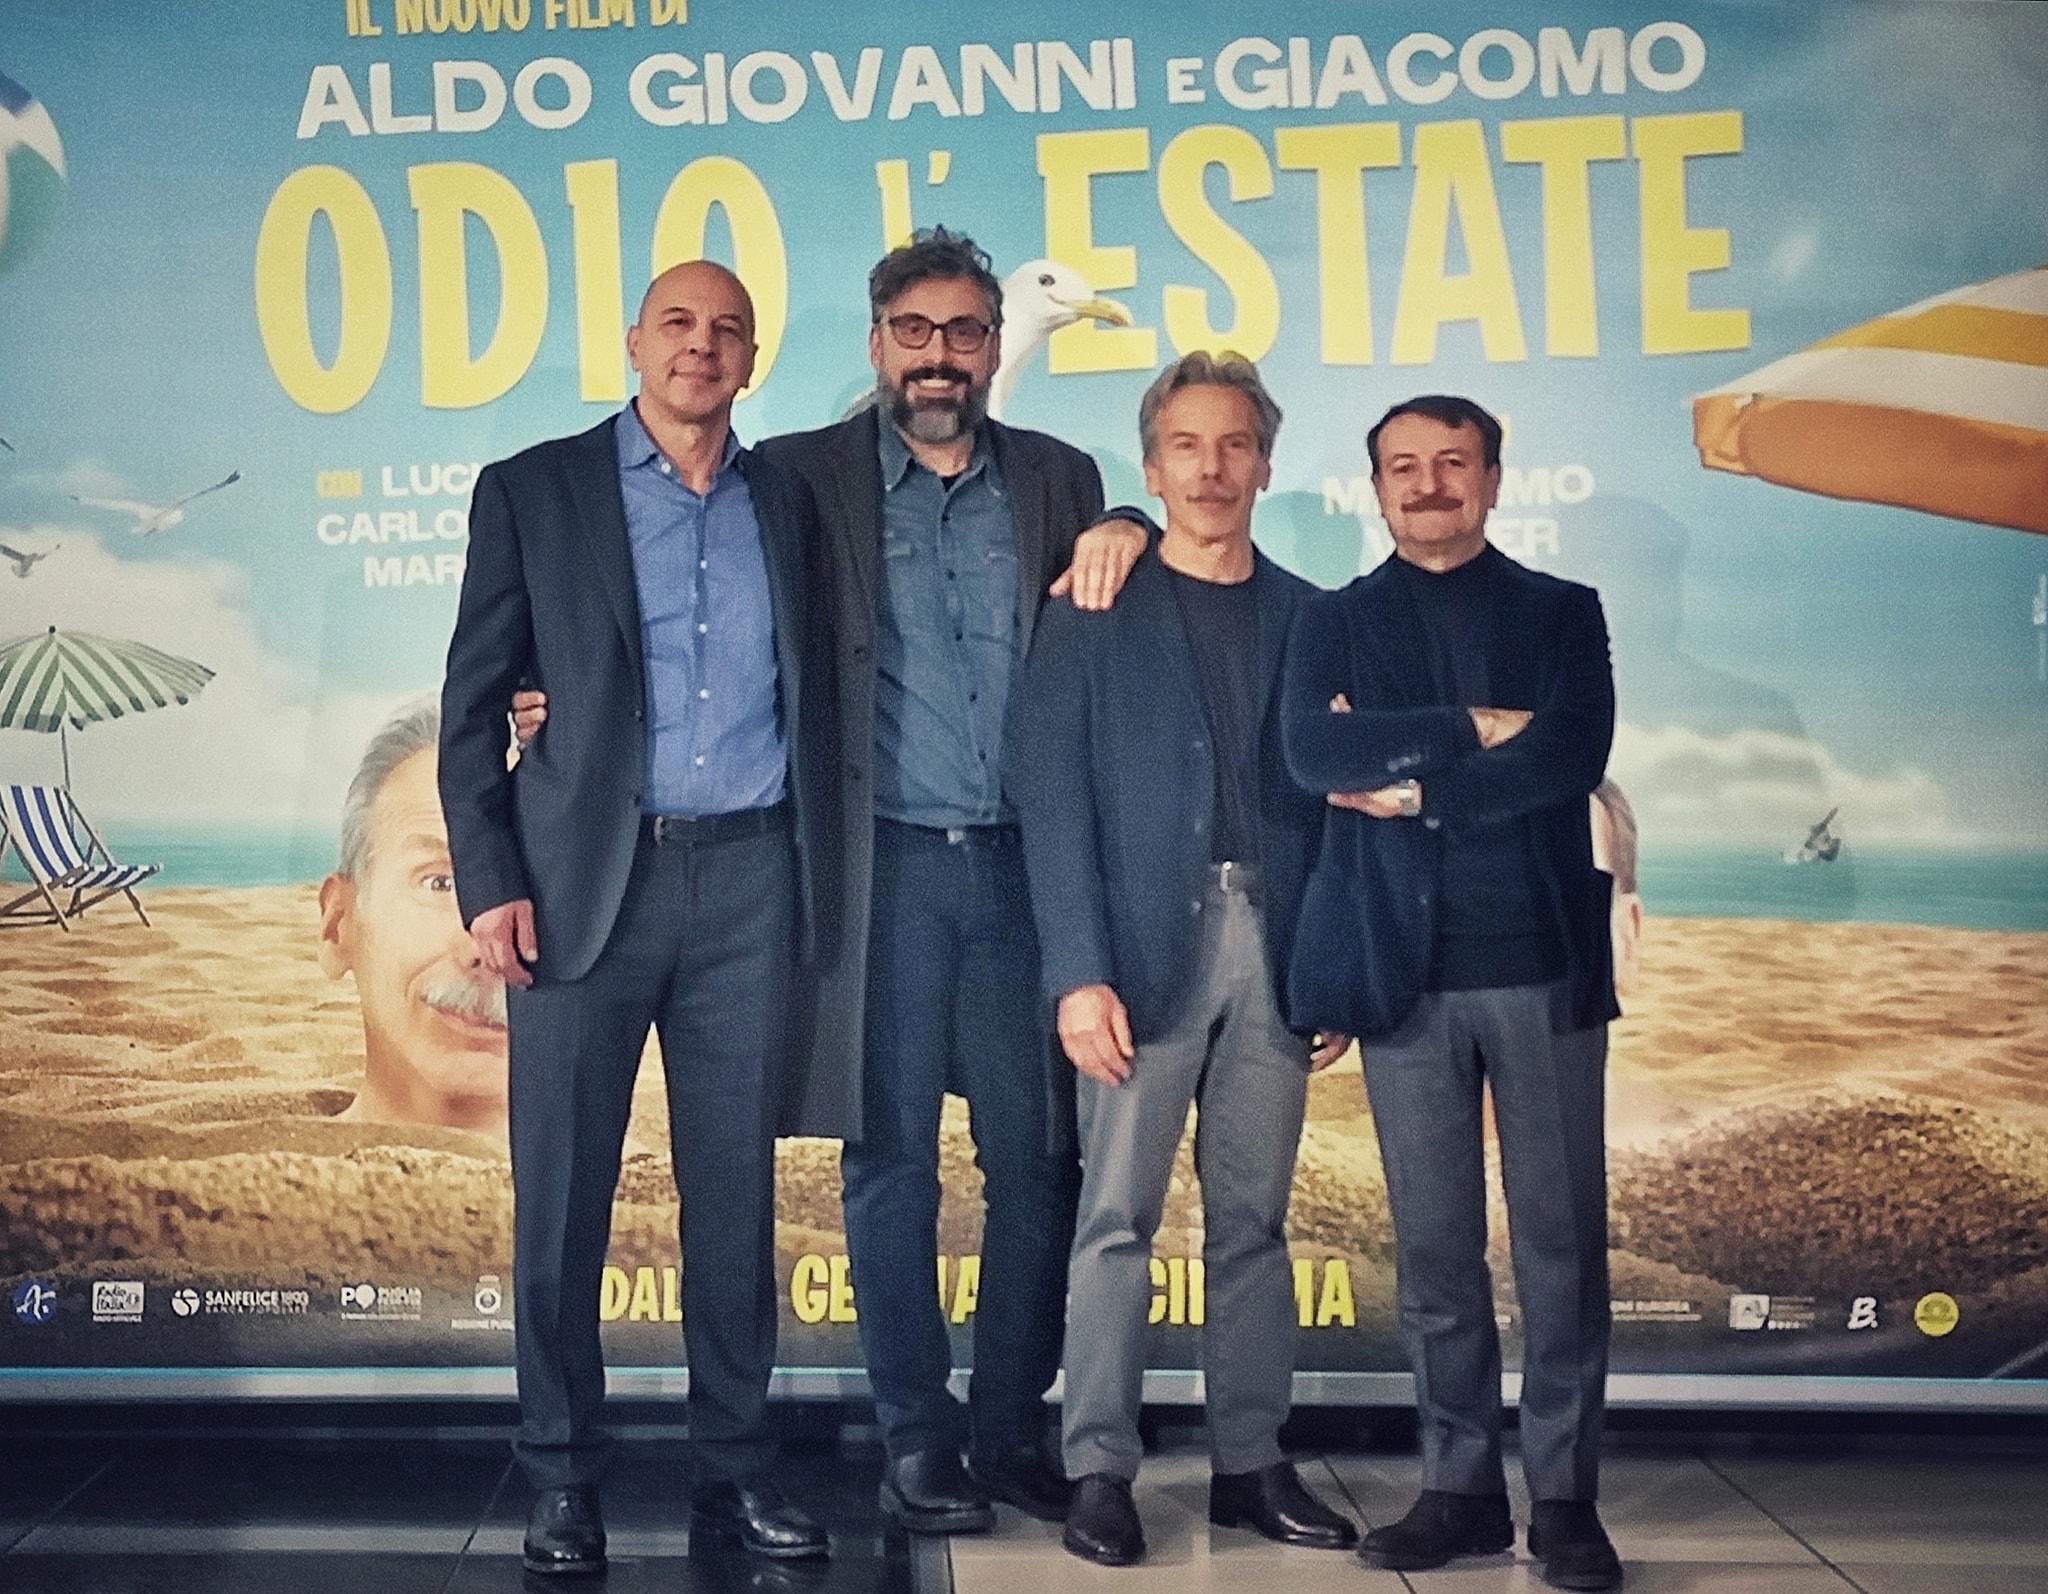 Musica Italiana, Cinema. Brunori Sas firma le musiche del nuovo film di Aldo Giovanni e Giacomo